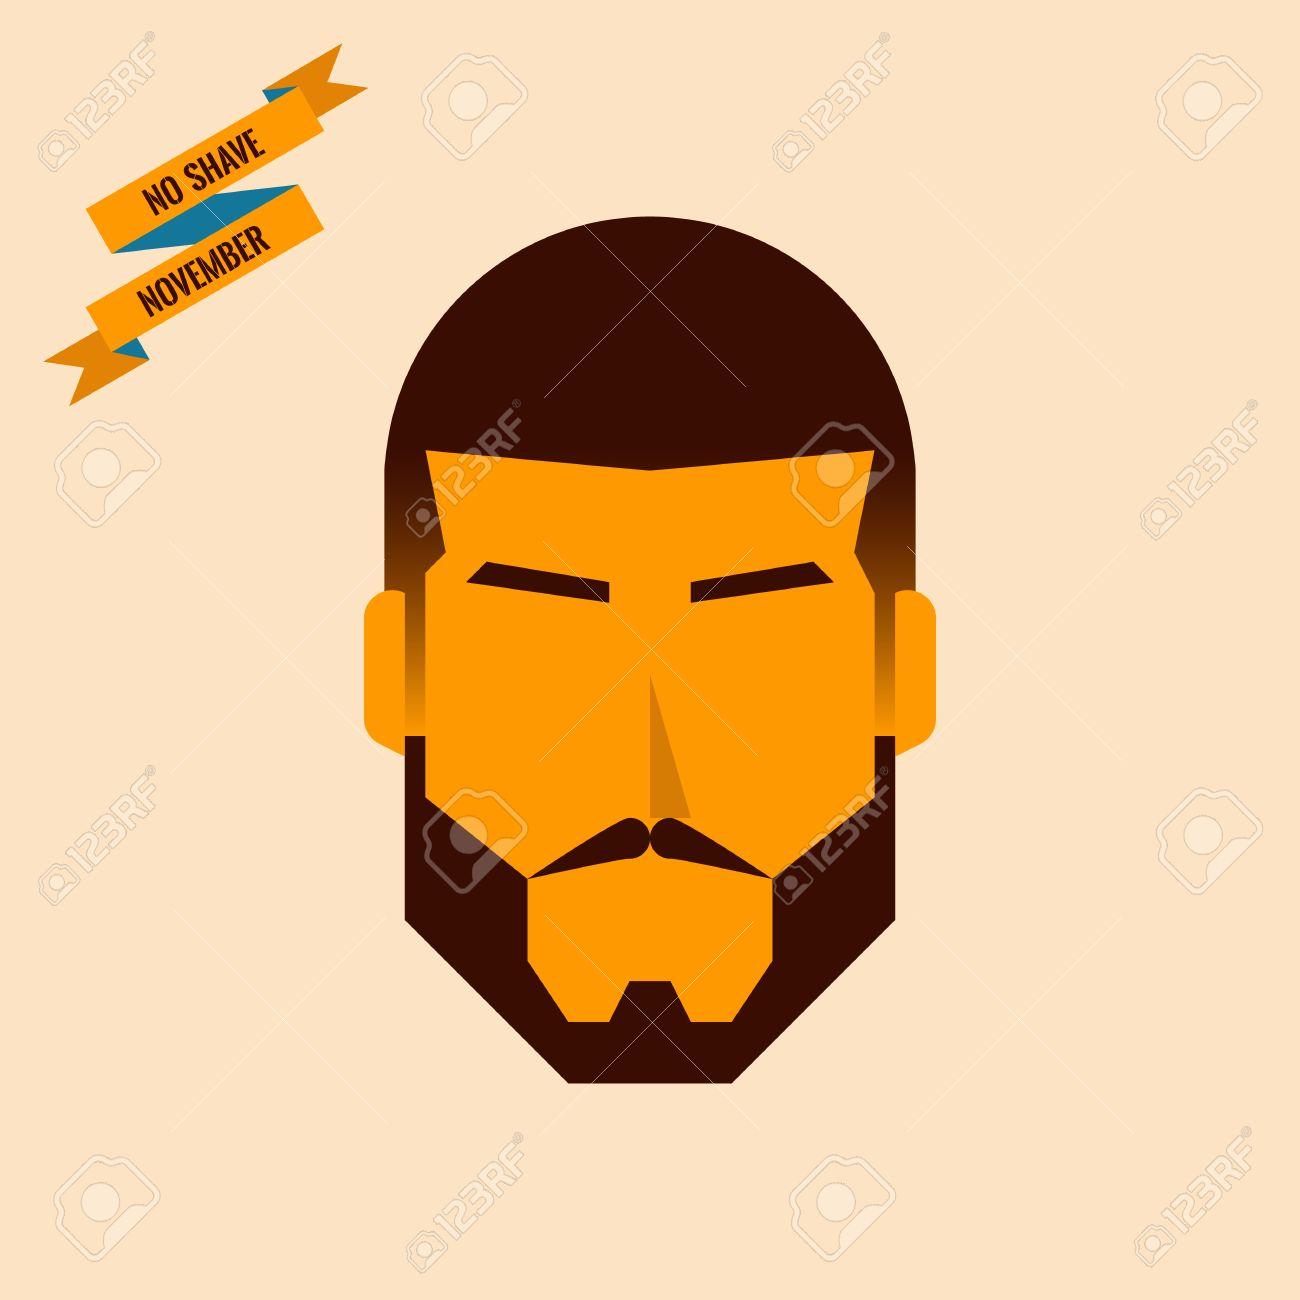 男らしい顔のないひげをそる 11 月精練背景イラストのイラスト素材